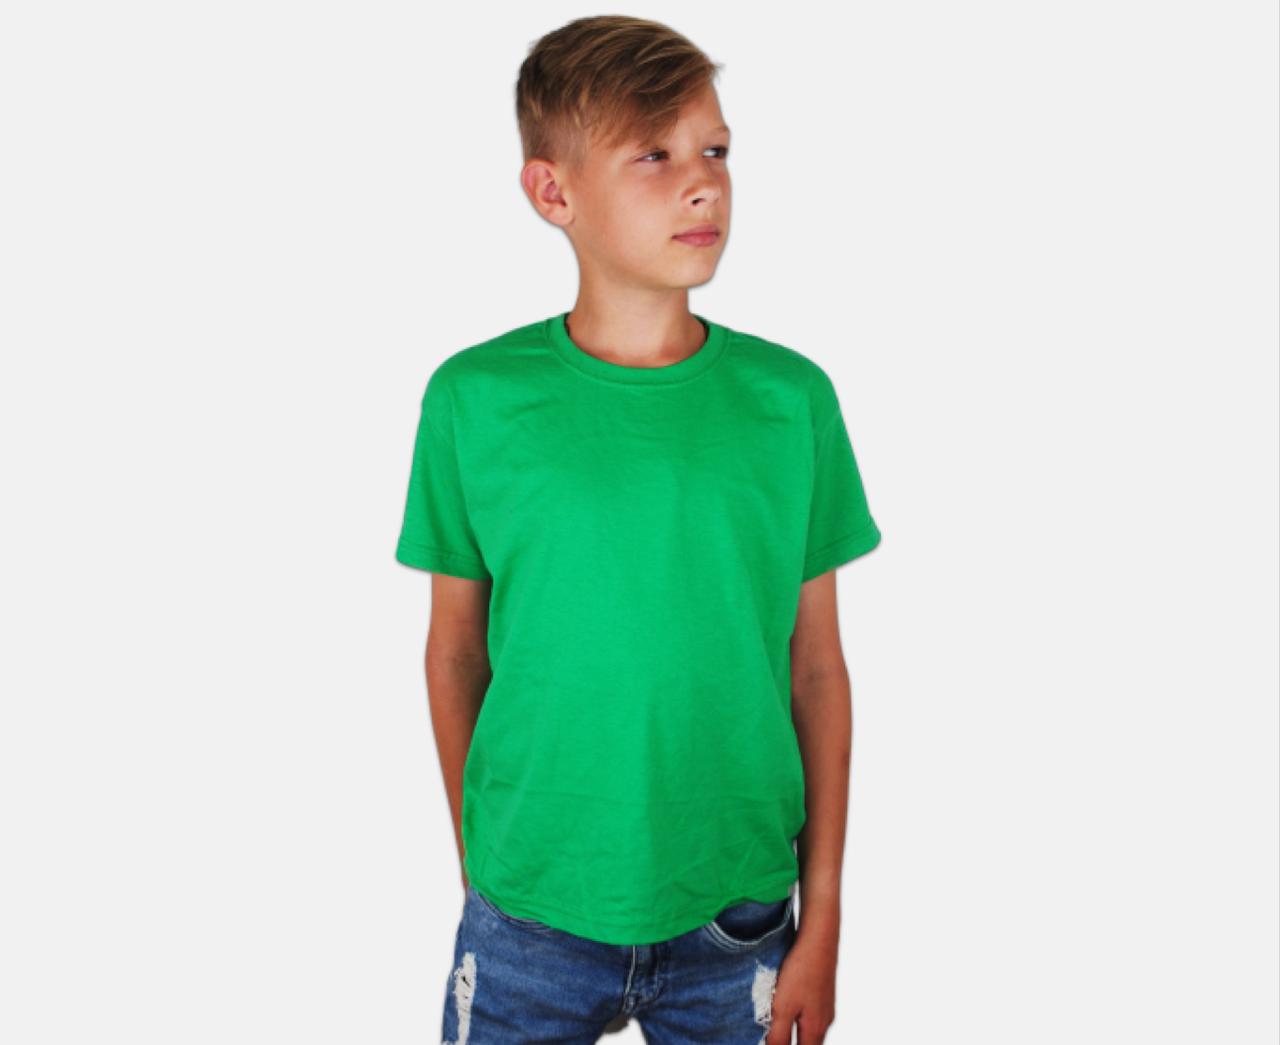 Детская Классическая Футболка для Мальчиков Ярко-зелёная Fruit of the loom 61-033-47 5-6